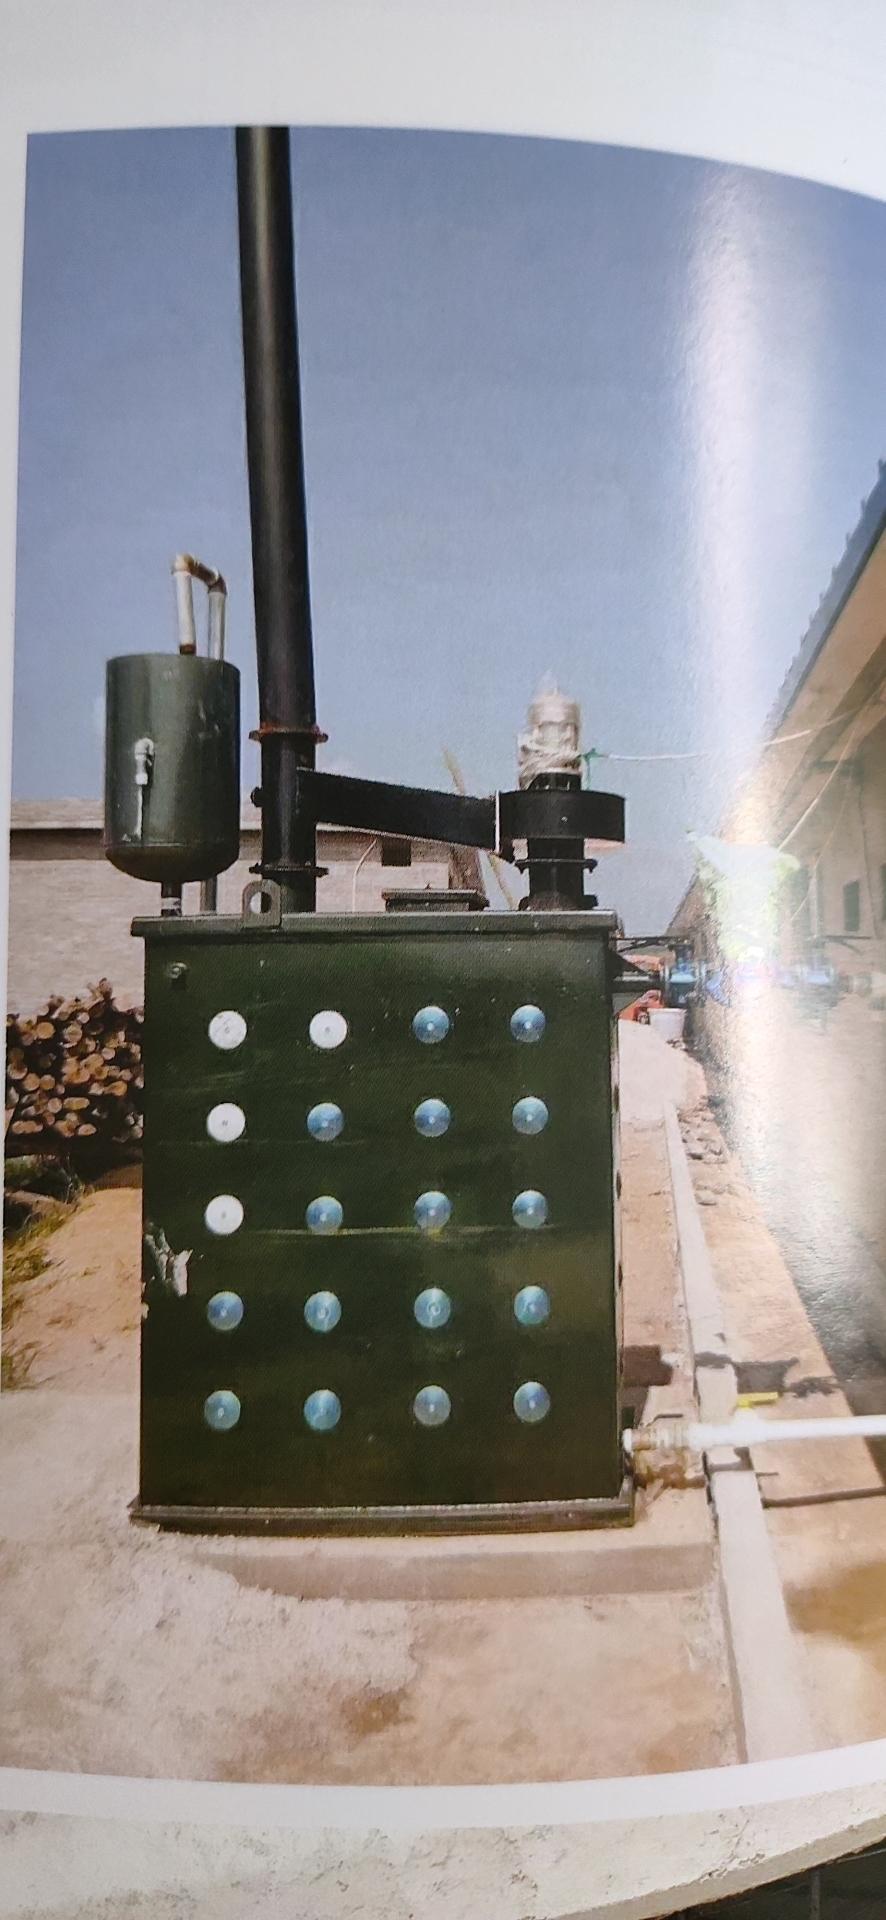 山东养殖专用 昊旺煤、气两用水暖炉 昊旺煤、气两用水暖炉